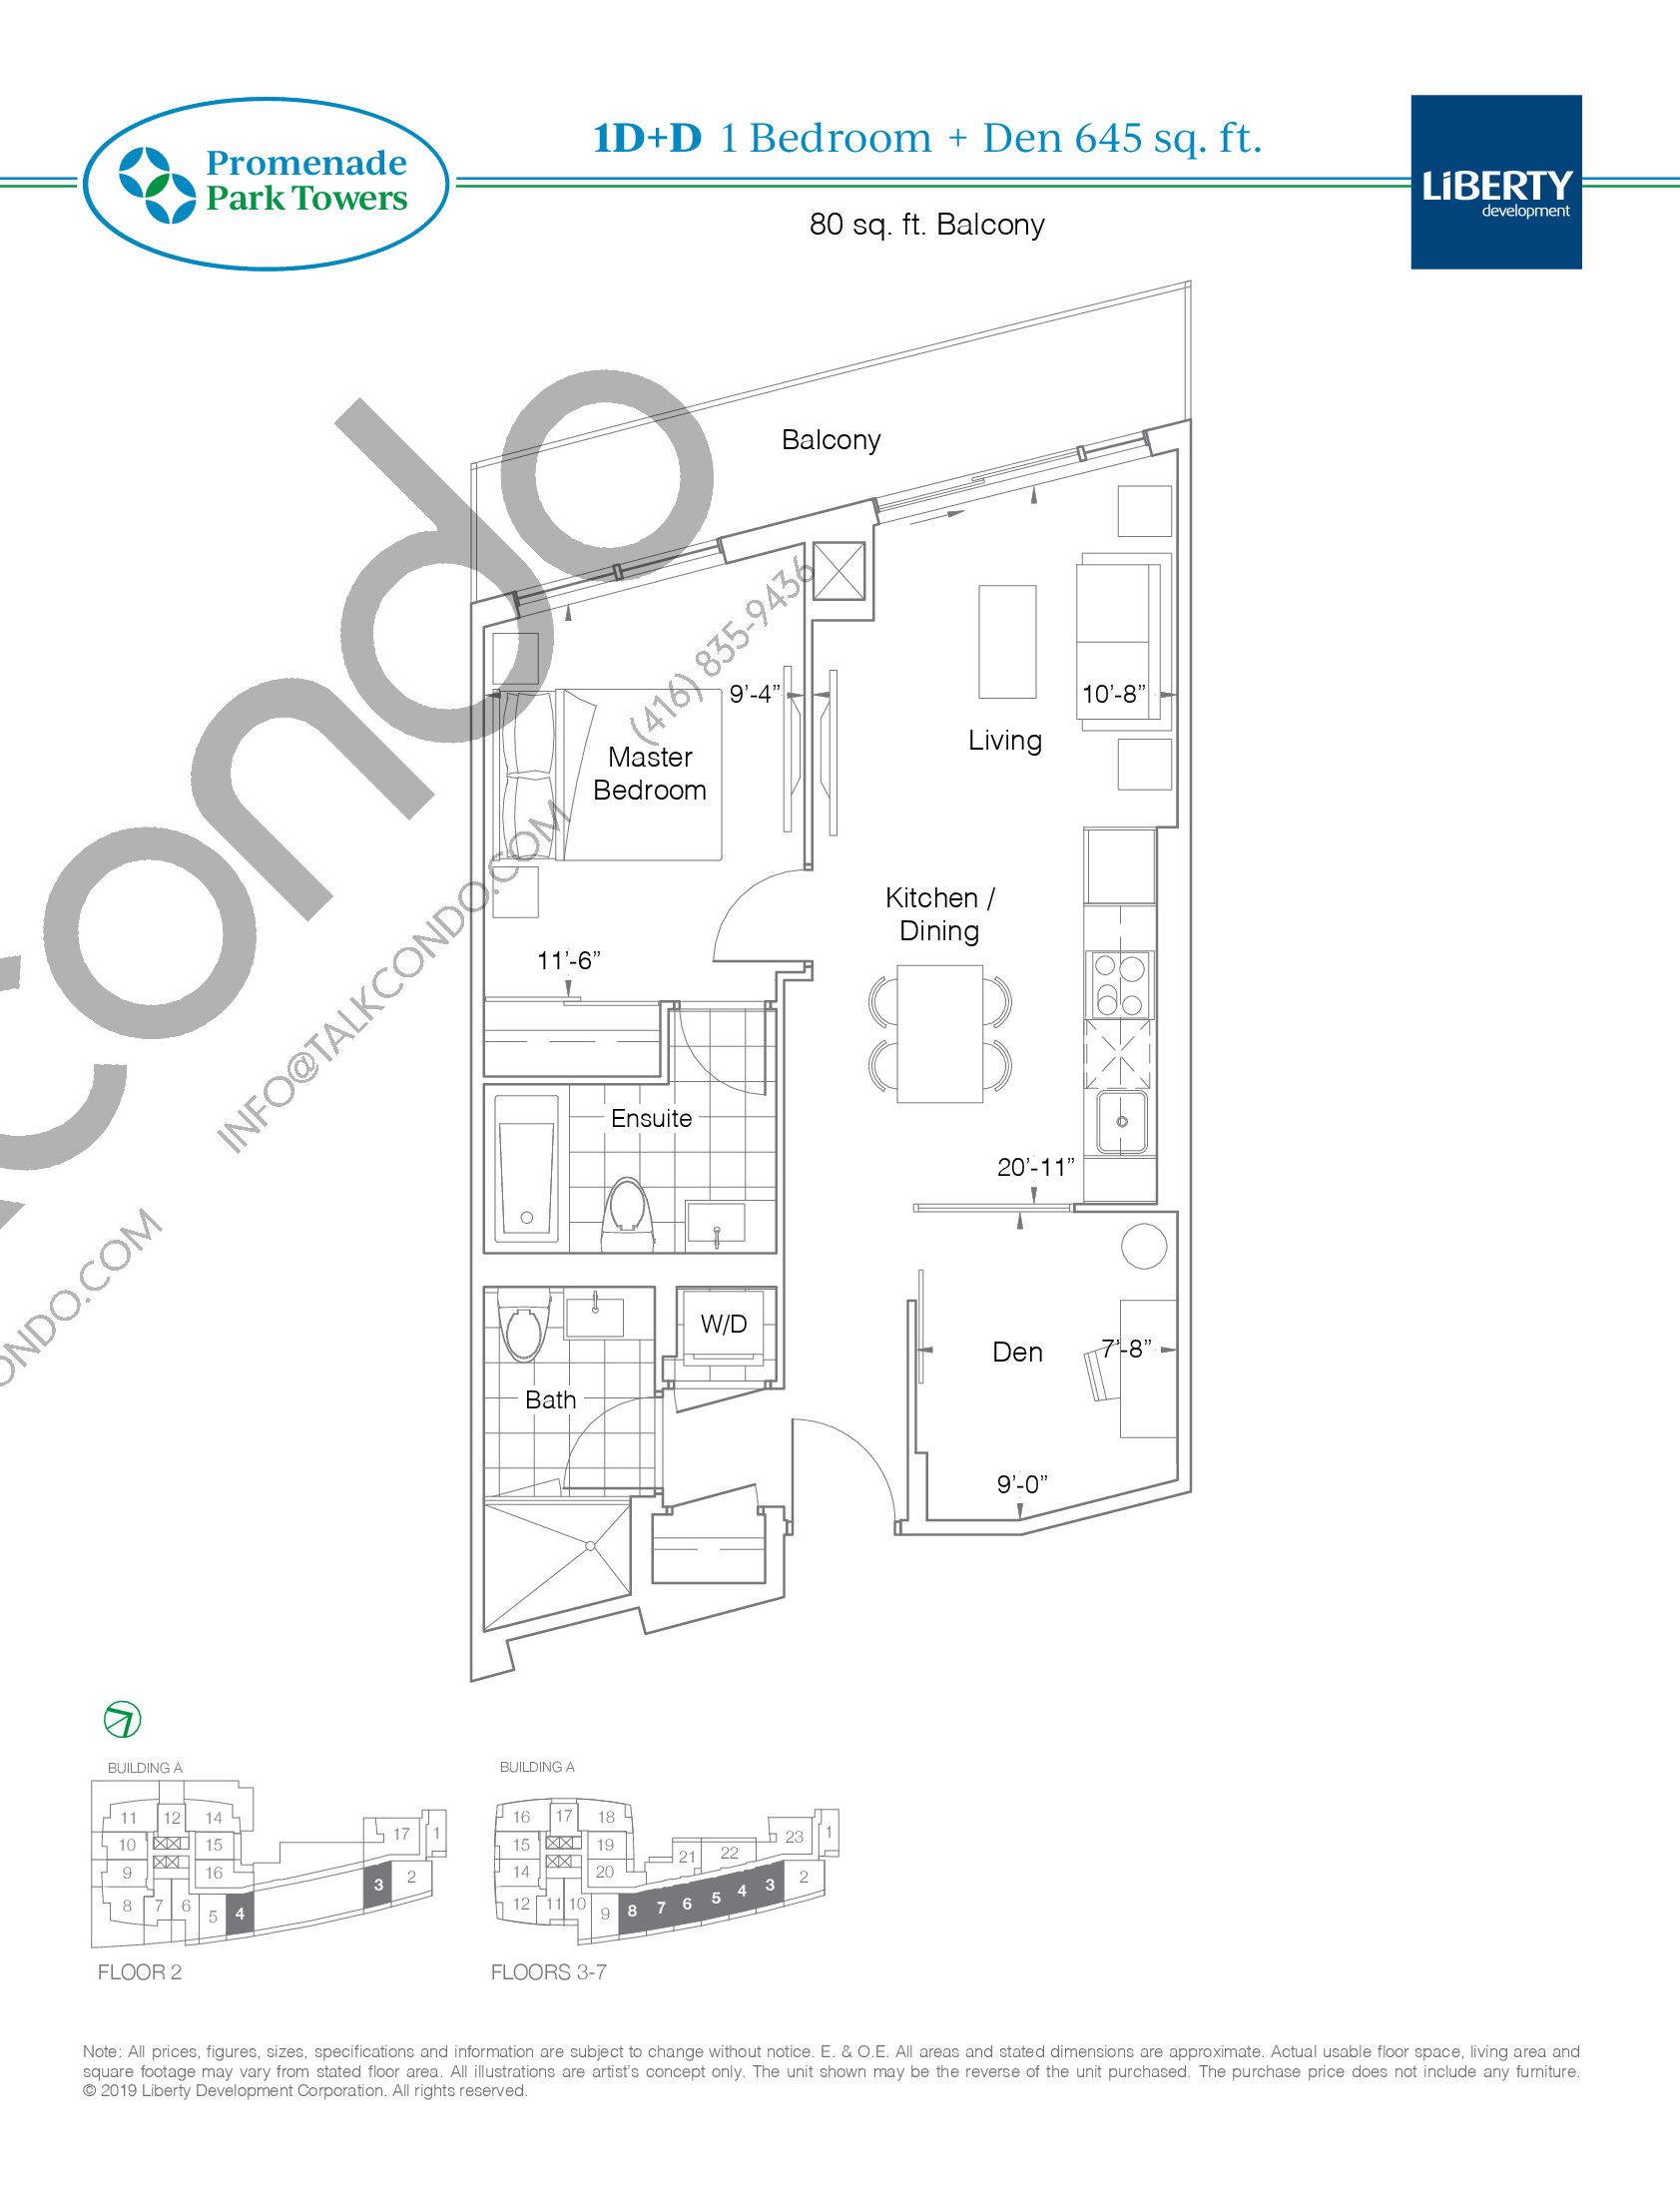 1D+D Floor Plan at Promenade Park Towers Condos - 645 sq.ft